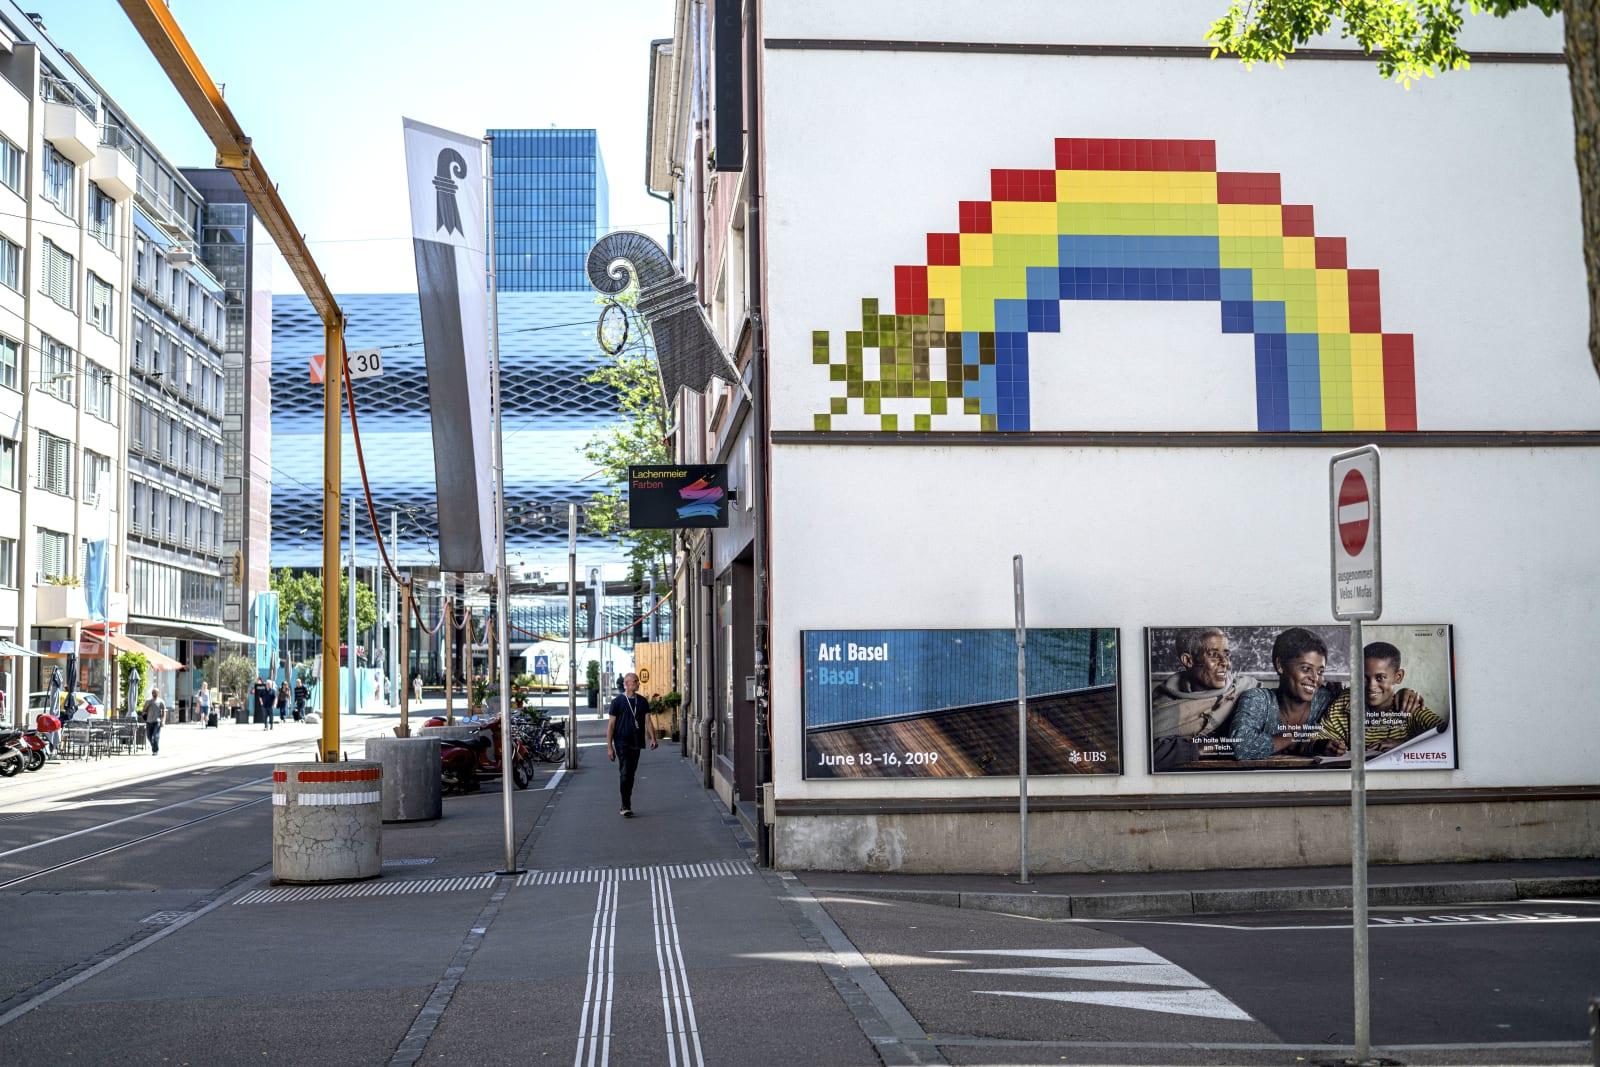 Invader (F) | 2019 Clarastrasse, Basel EVENT: ARTYOU WALLS'19